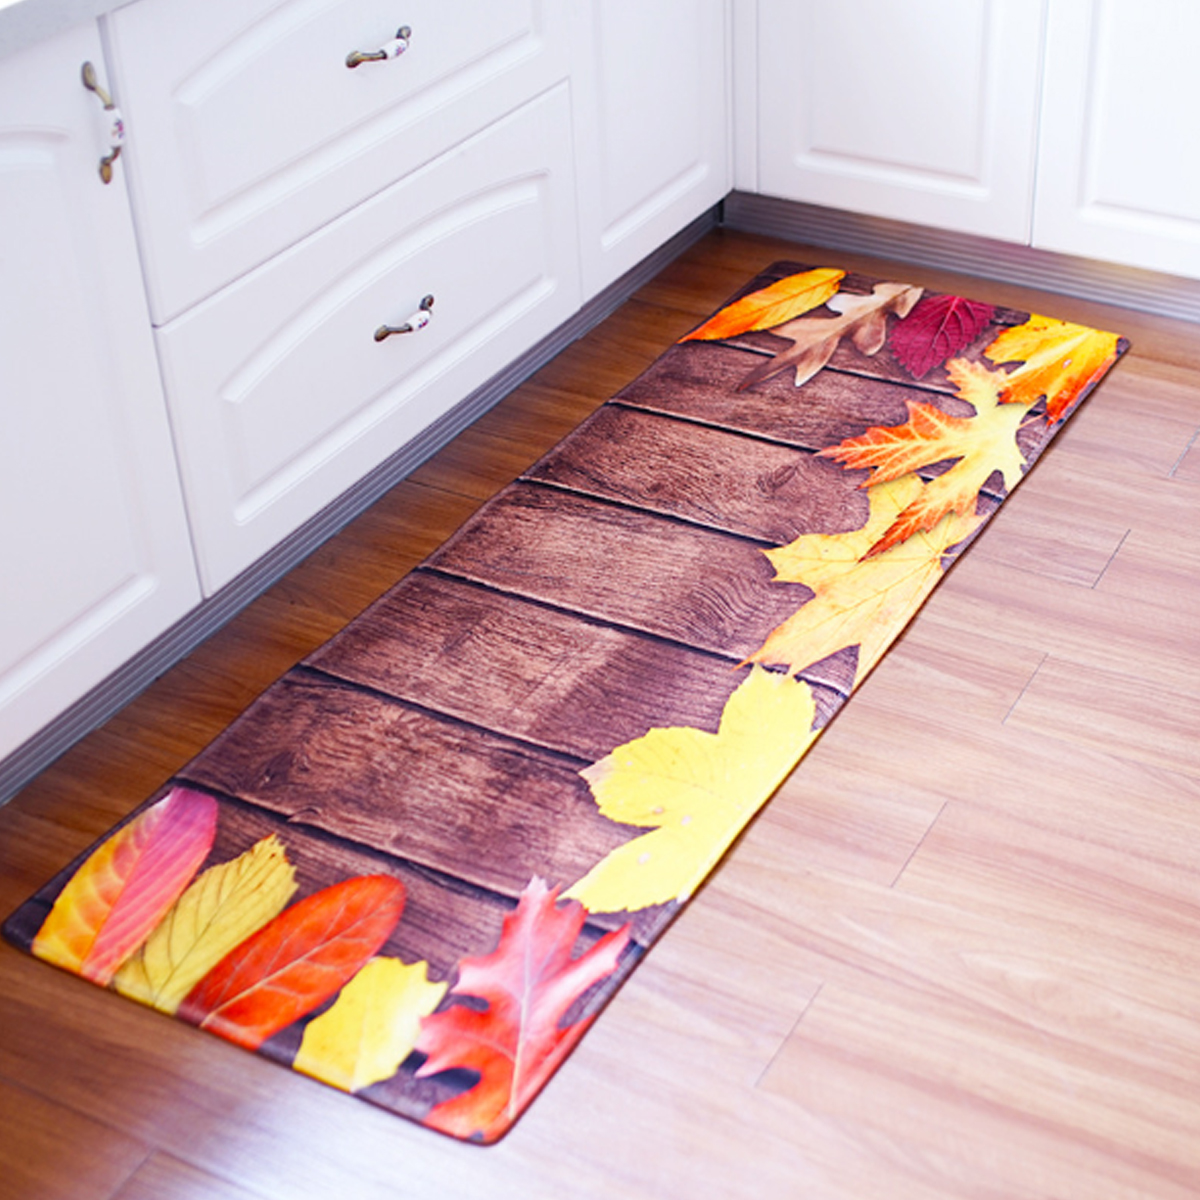 См нескользящей домашней кухни спальня коврик напольный коврик дверь фланель ковер моющийся